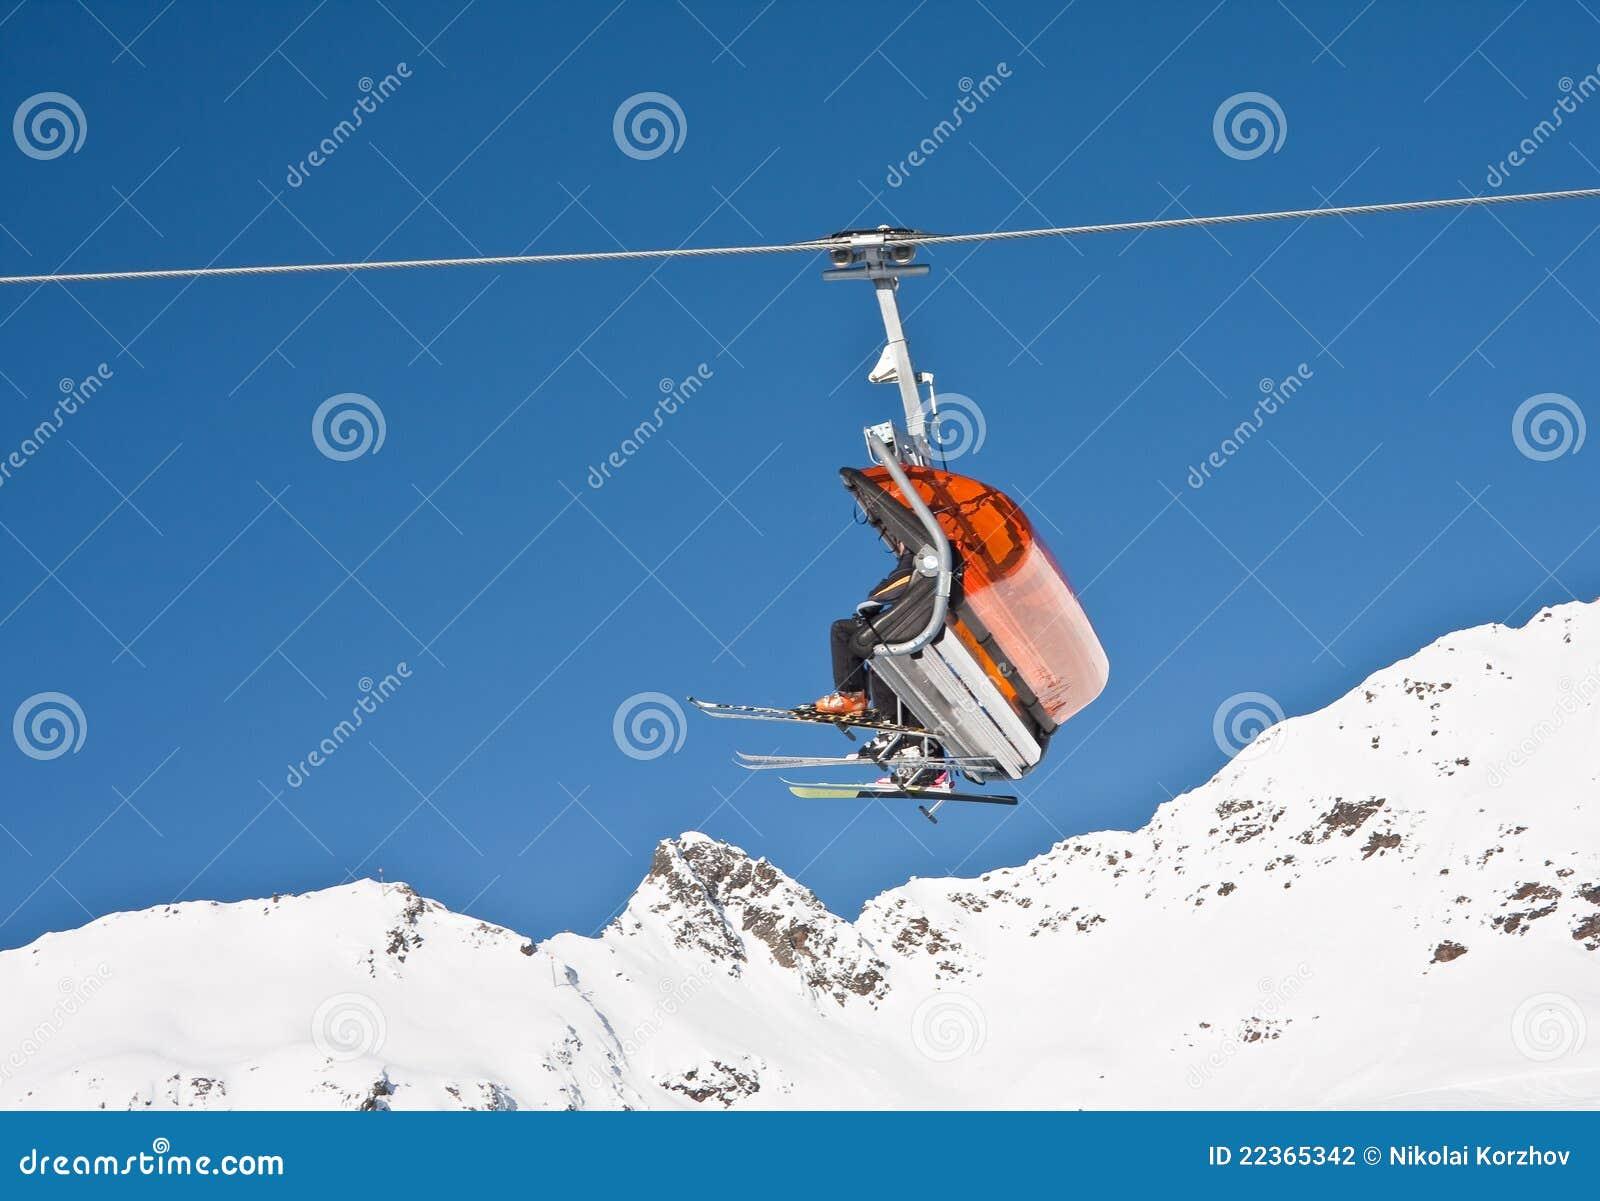 Ski chair lift reanimators